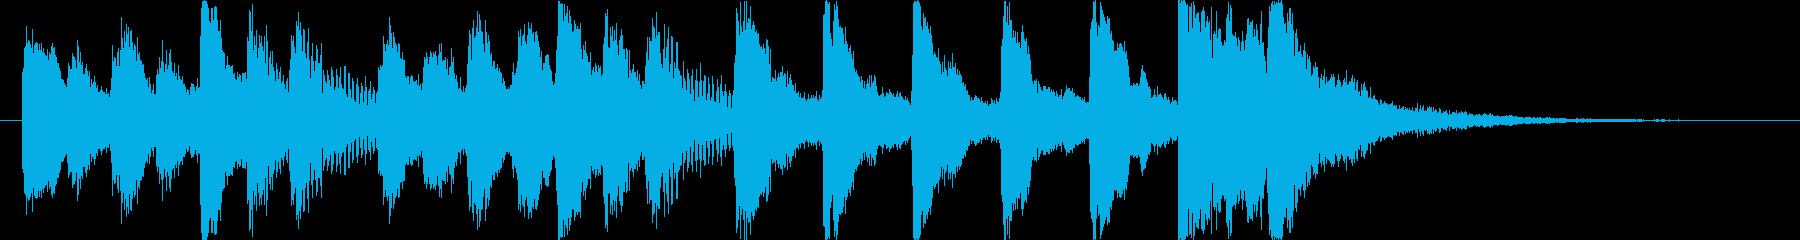 コミカルで怪しいオーケストラロゴ♪の再生済みの波形